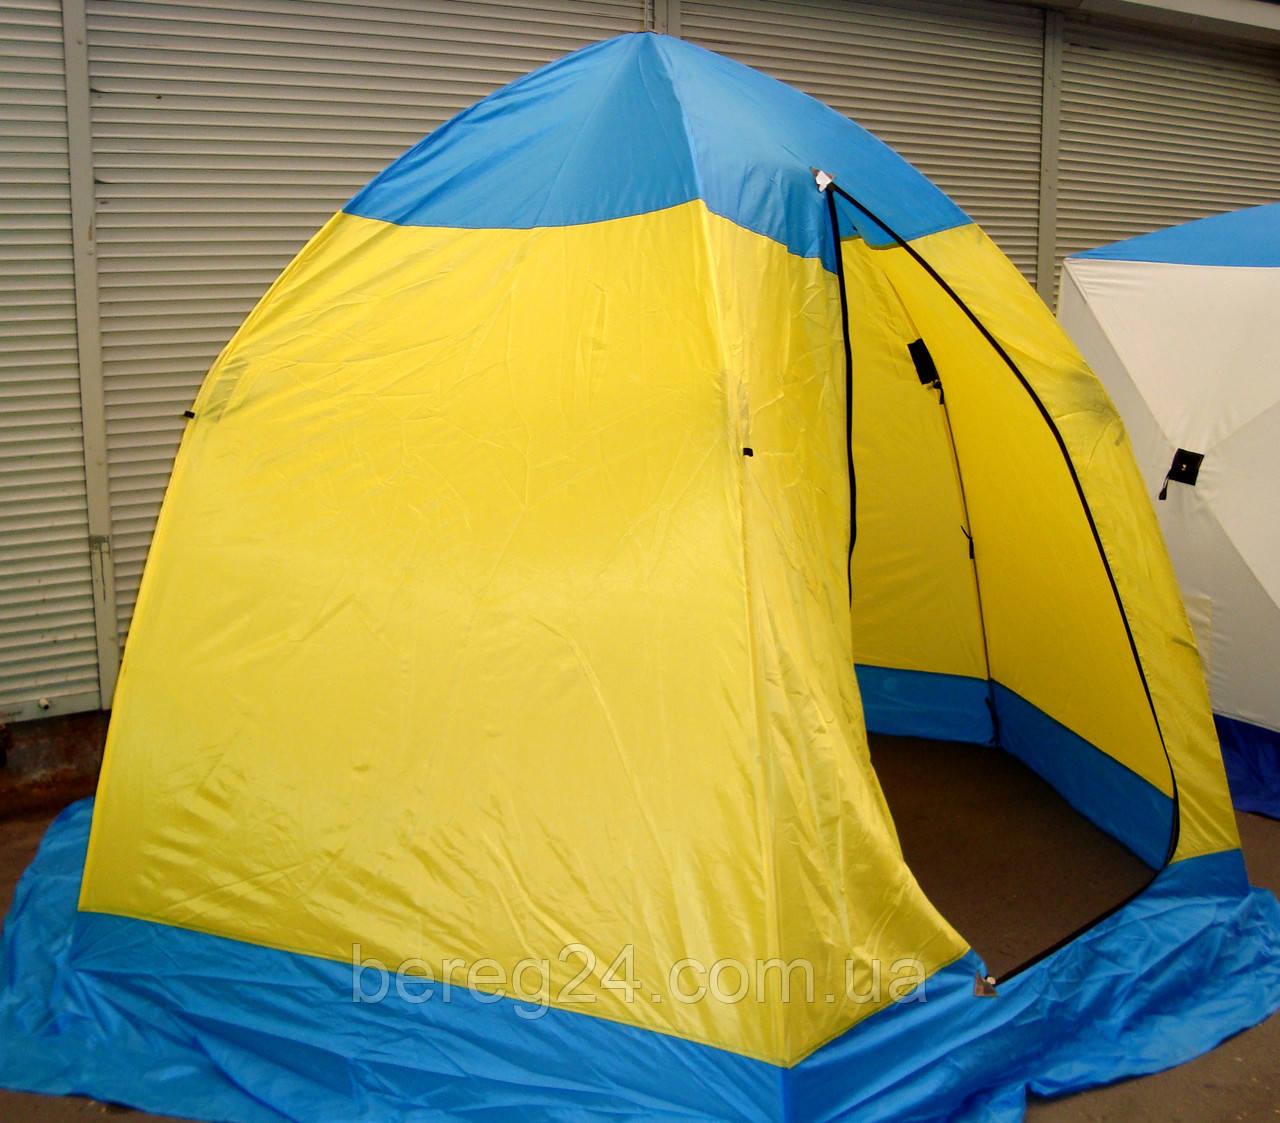 Палатка зимняя Стэк Элит Зонт 2 местная (п/автомат)